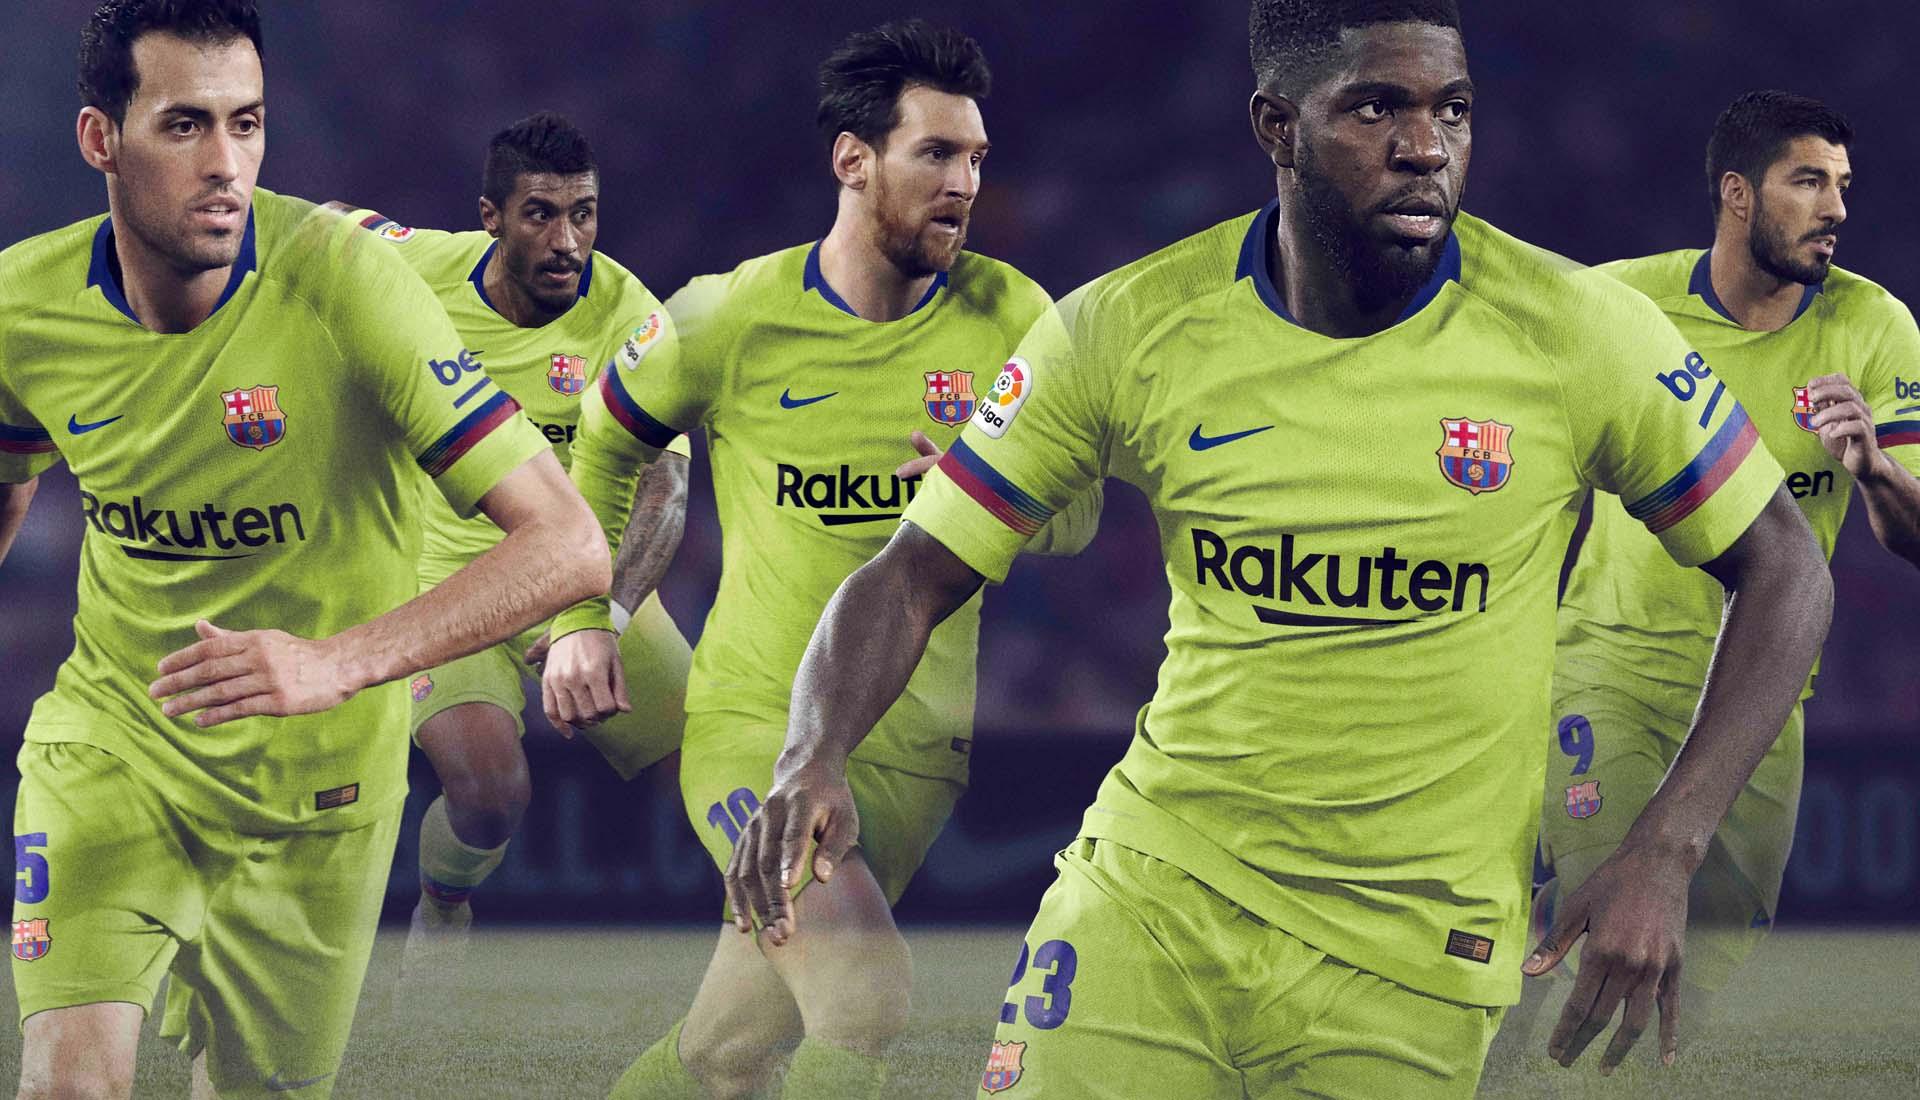 46629e4652 Nike Launch Barcelona 2018 19 Away Shirt - SoccerBible